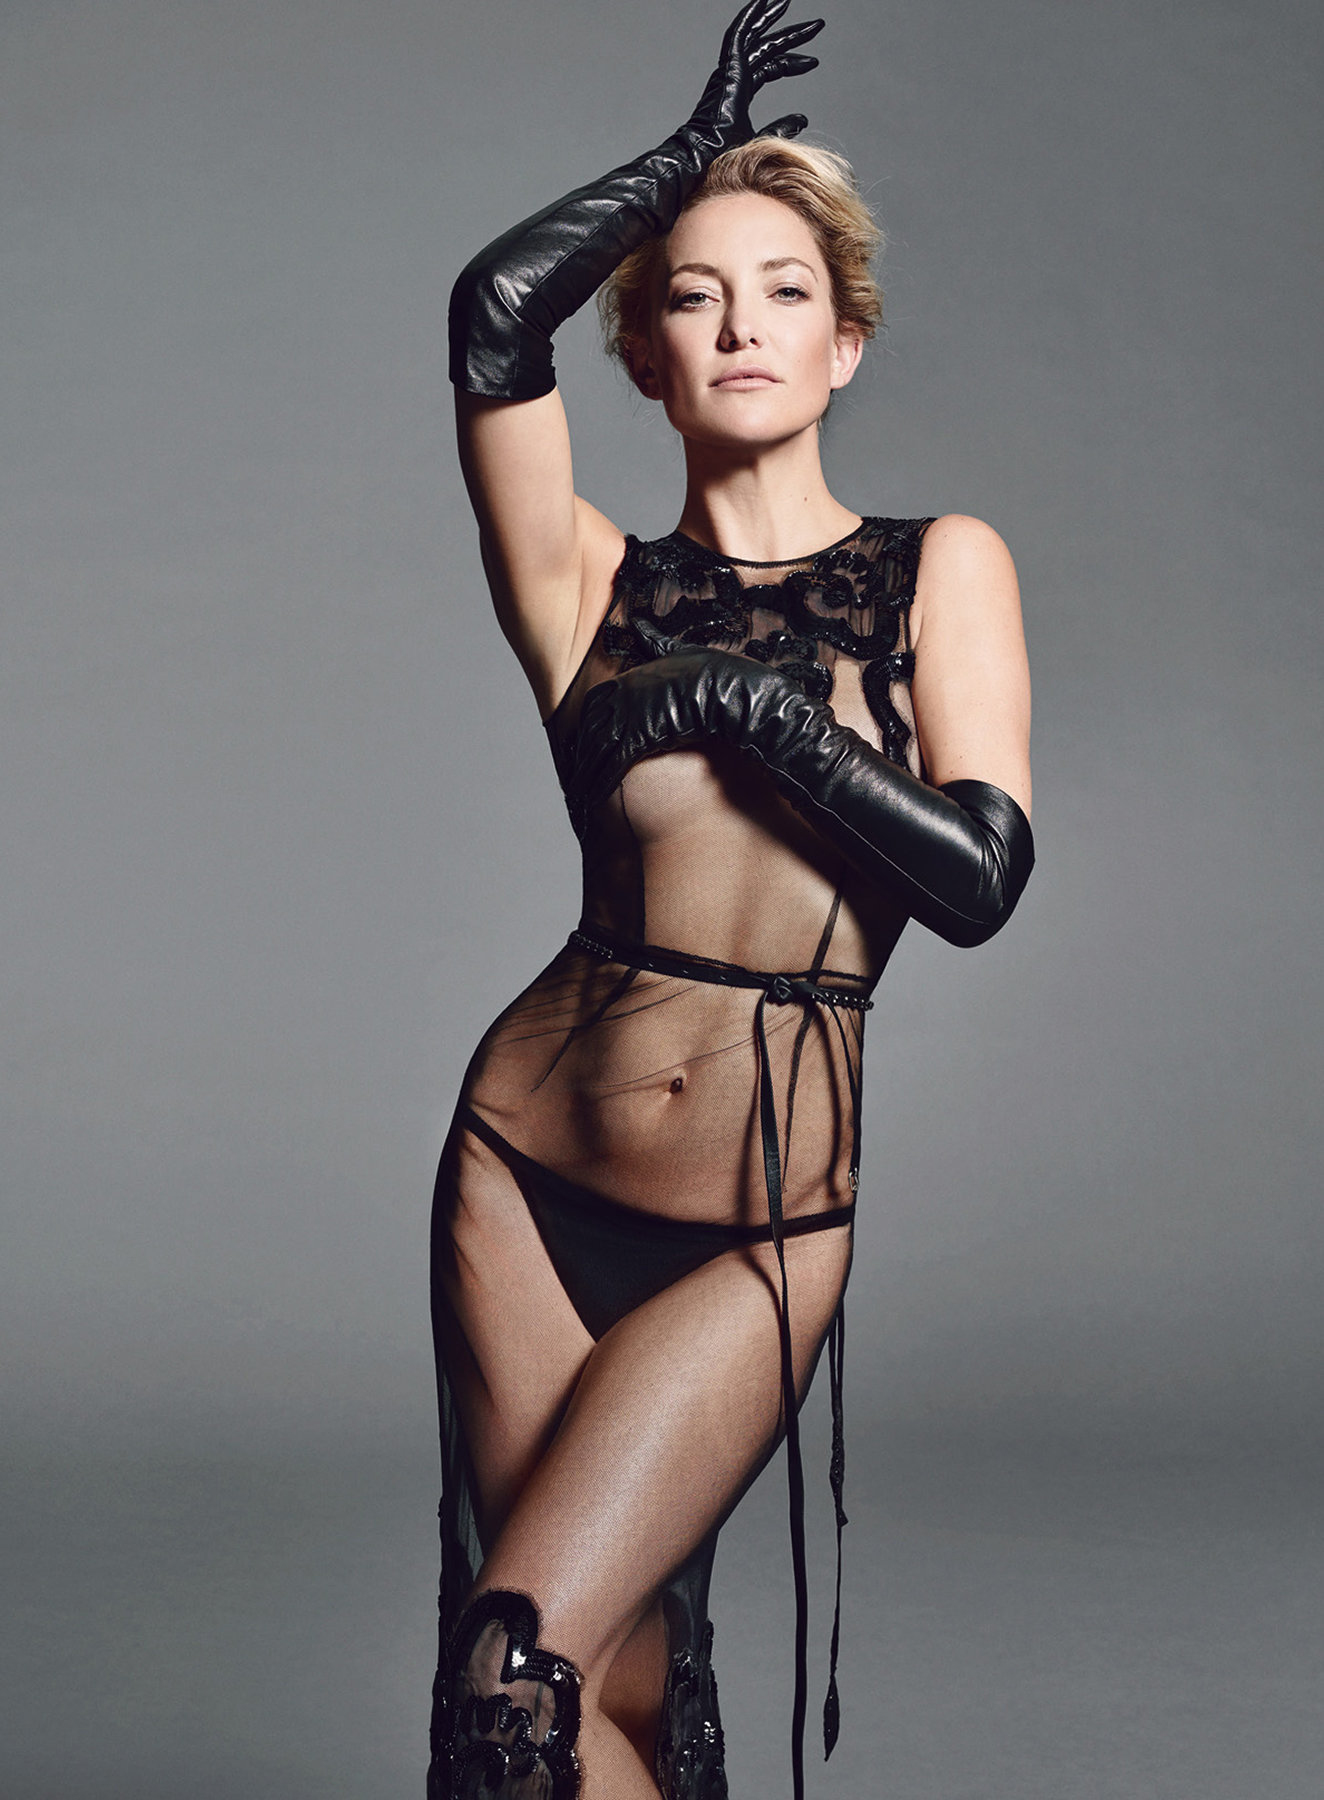 kate-hudson-sexy-1